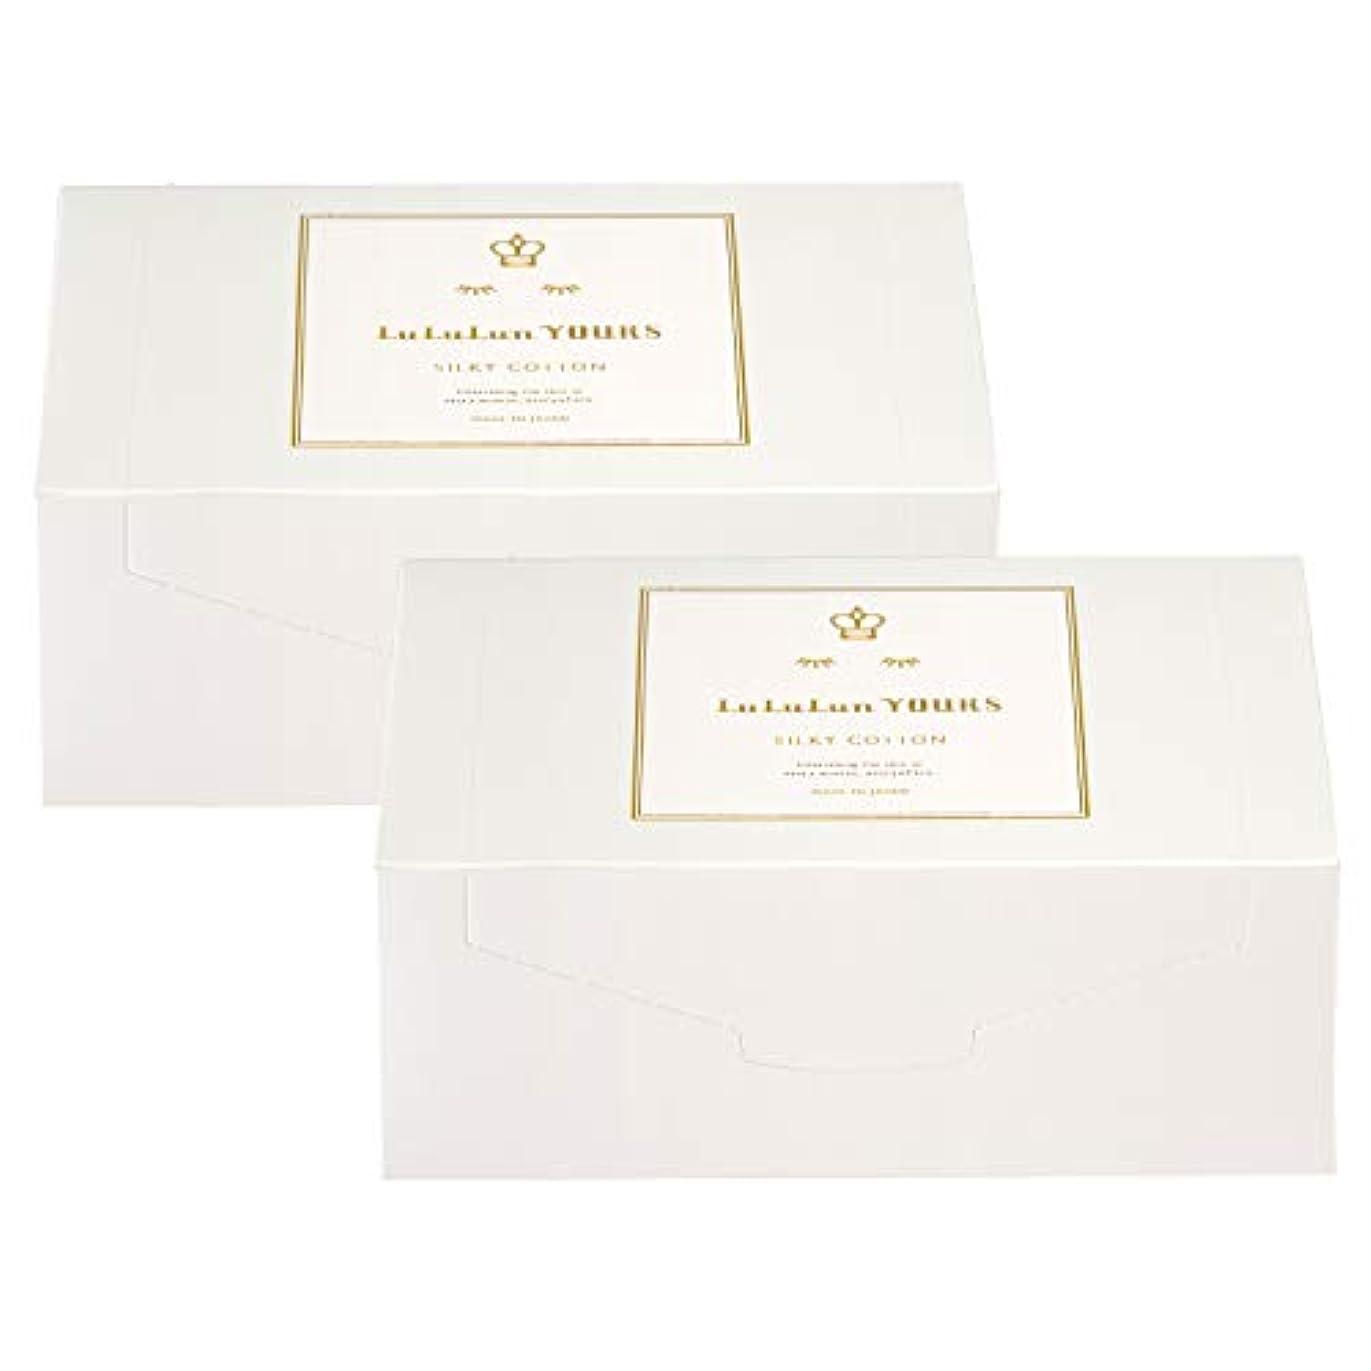 鎮痛剤ねばねばアンドリューハリディルルルンユアーズ ふき取り専用シルキーコットン 2箱セット(120枚×2)